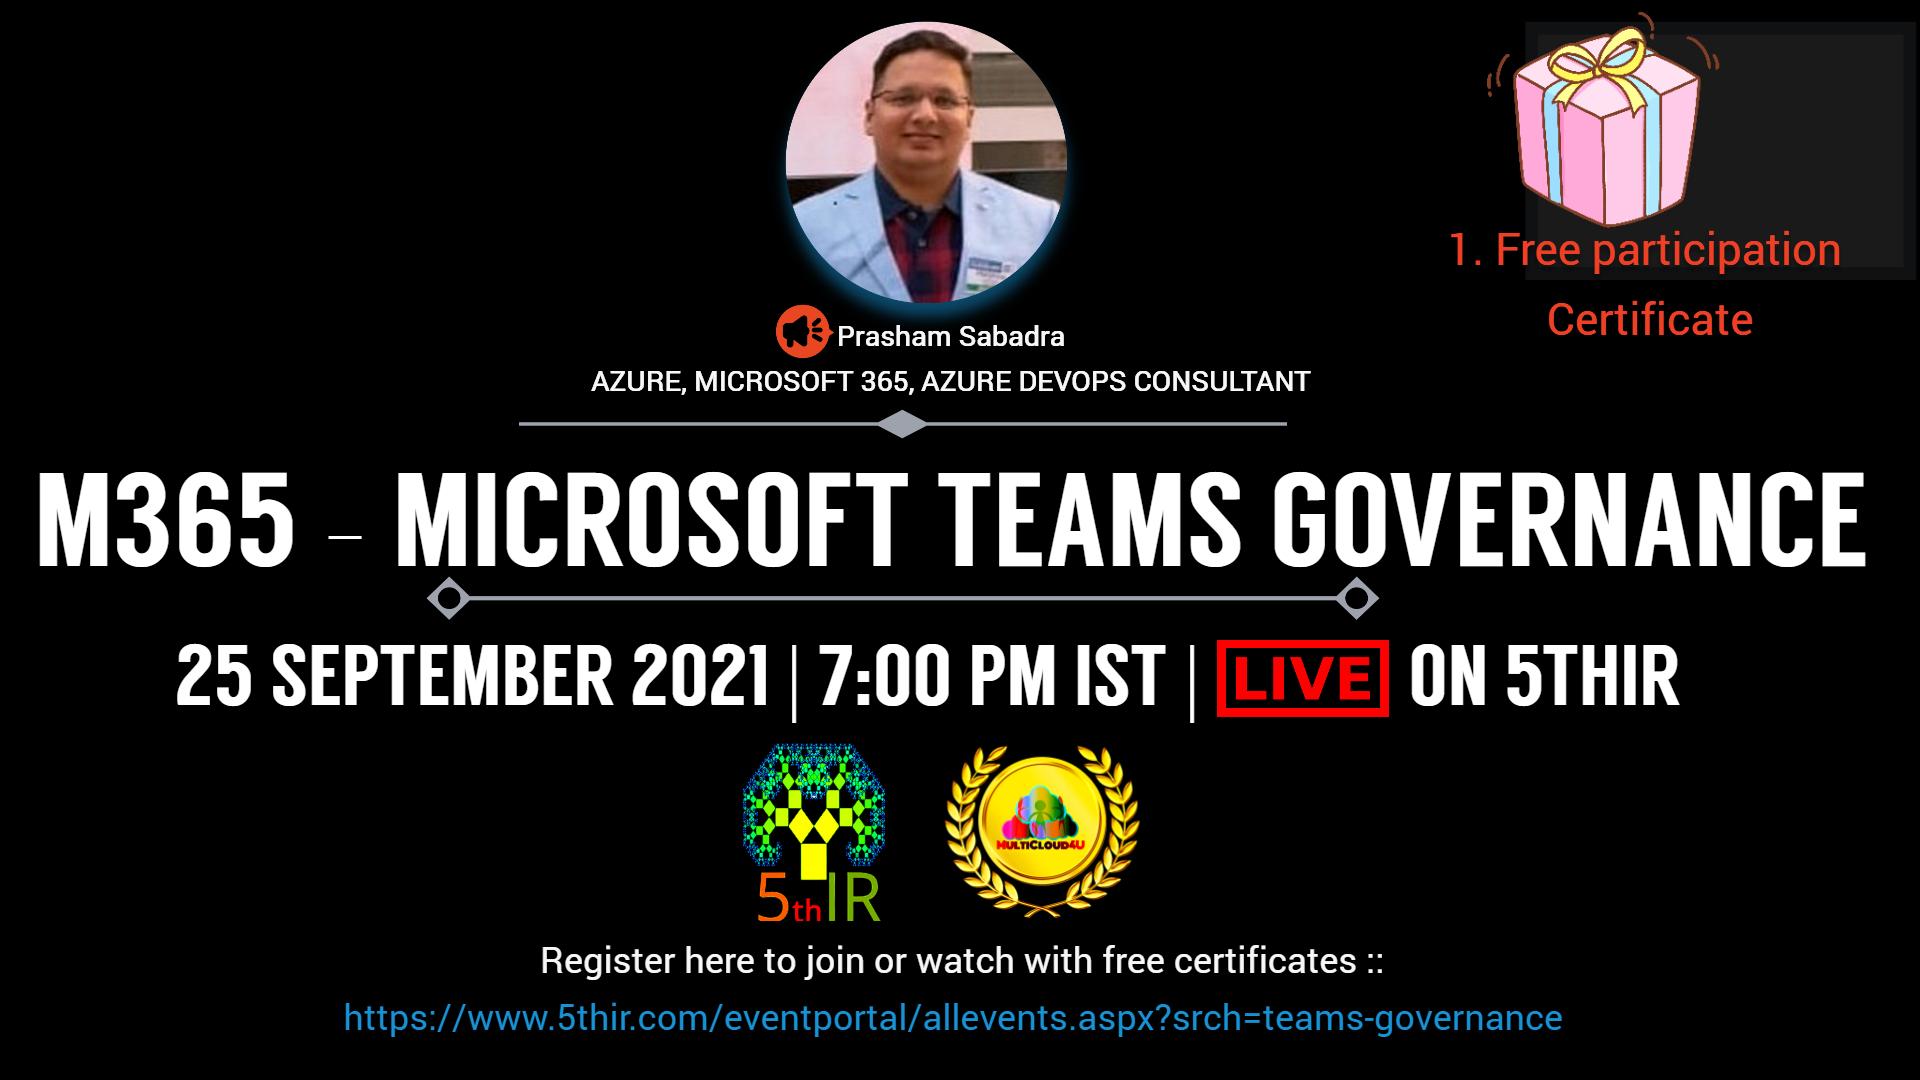 M365 - Microsoft Teams Governance